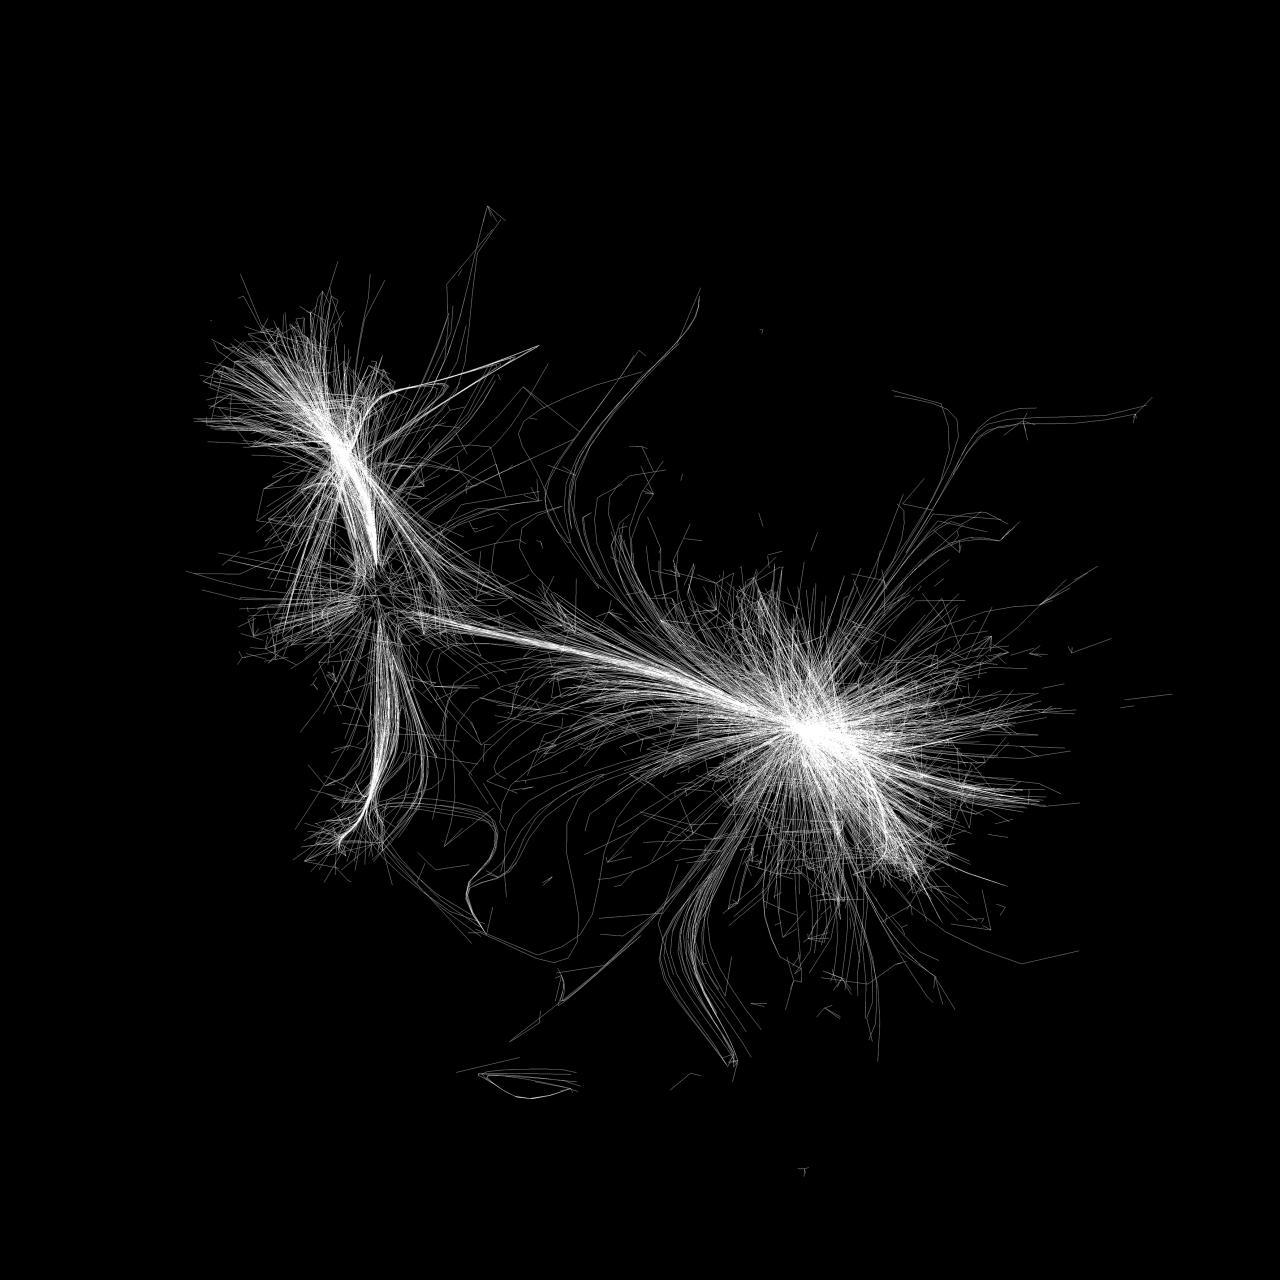 Eine Visualisierung eines Netzwerks. Sie ähnelt fransigen weißen Fäden auf schwarzem Hintergrund